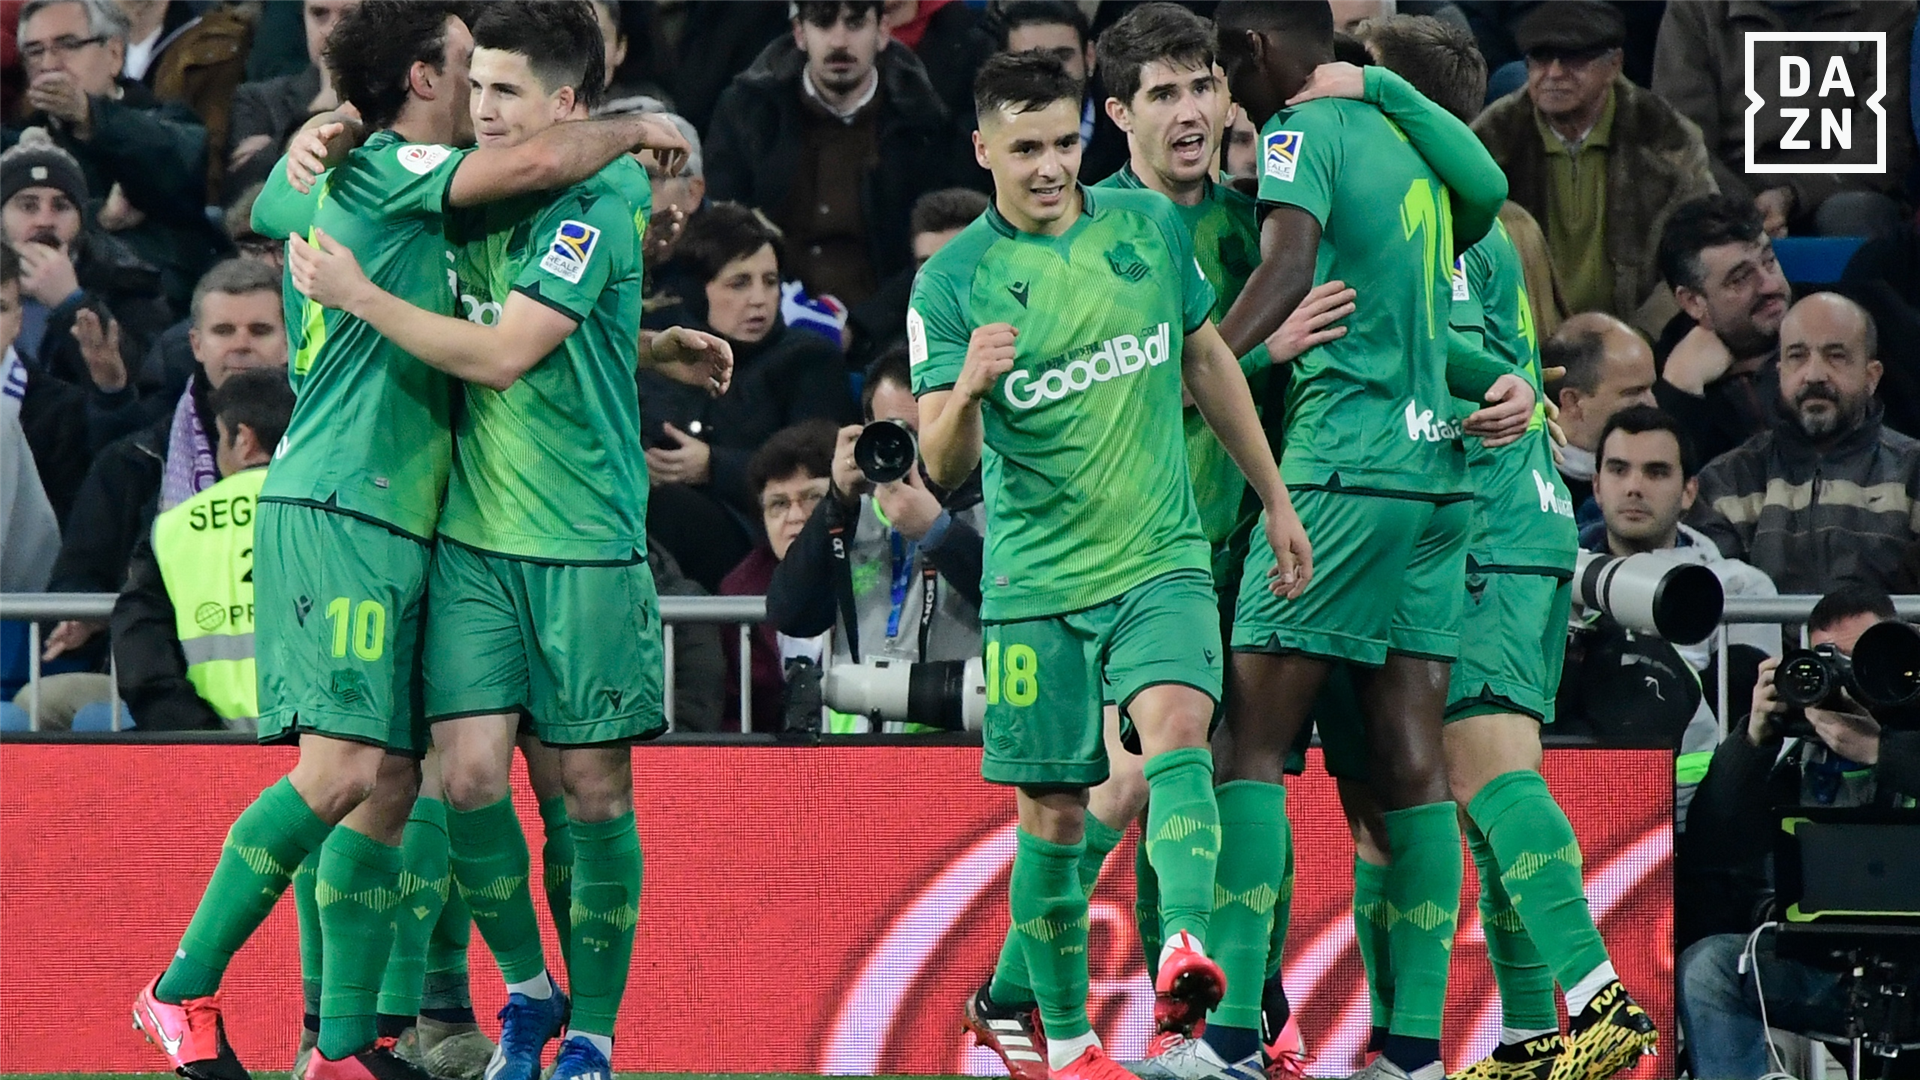 La finale de la Coupe du Roi Bilbao-Real Sociedad reportée